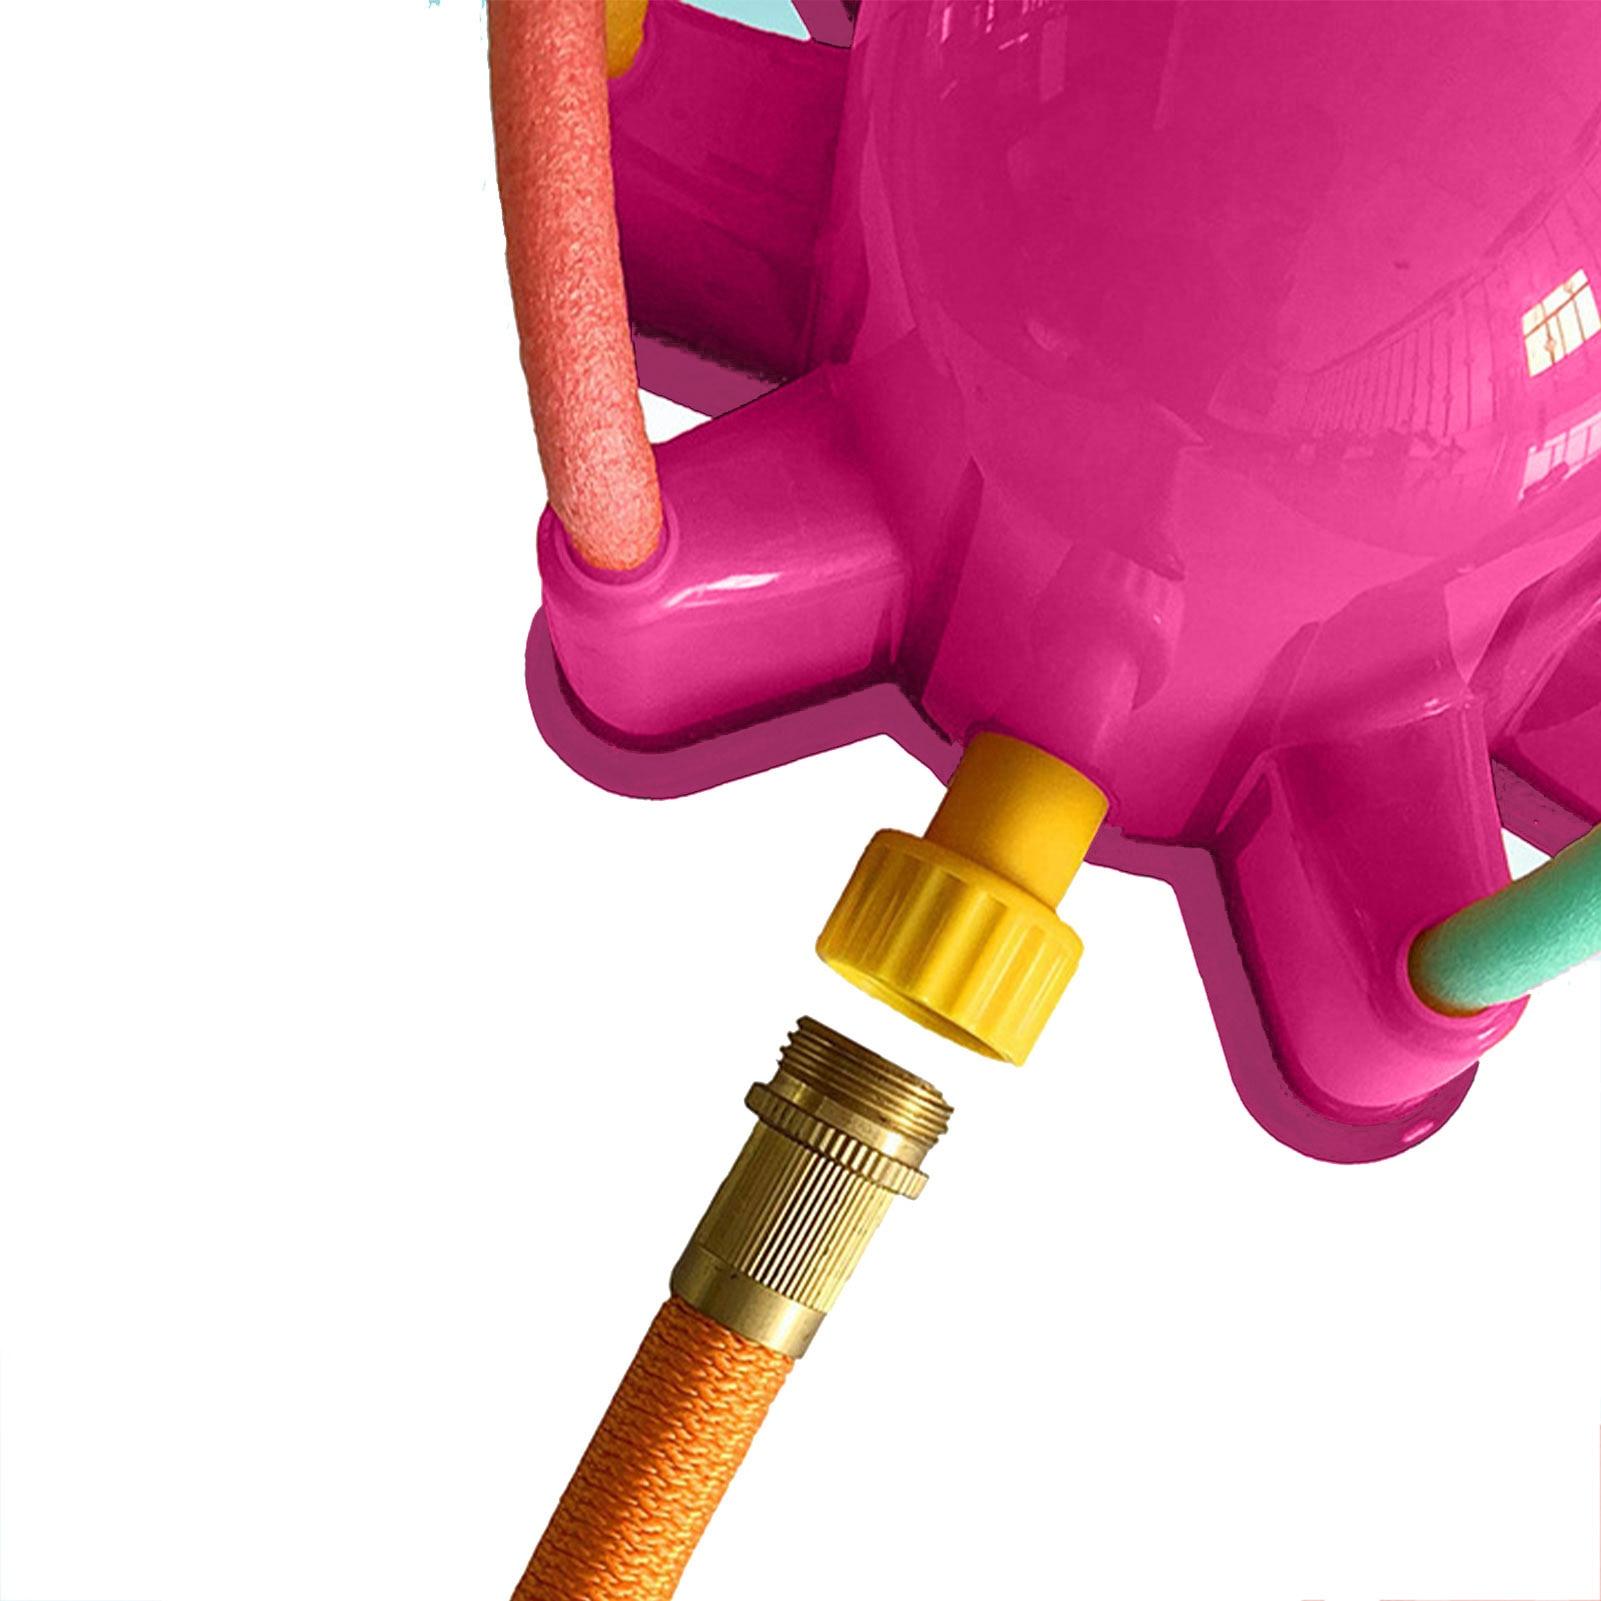 polvo, aspersor de água para crianças, verão